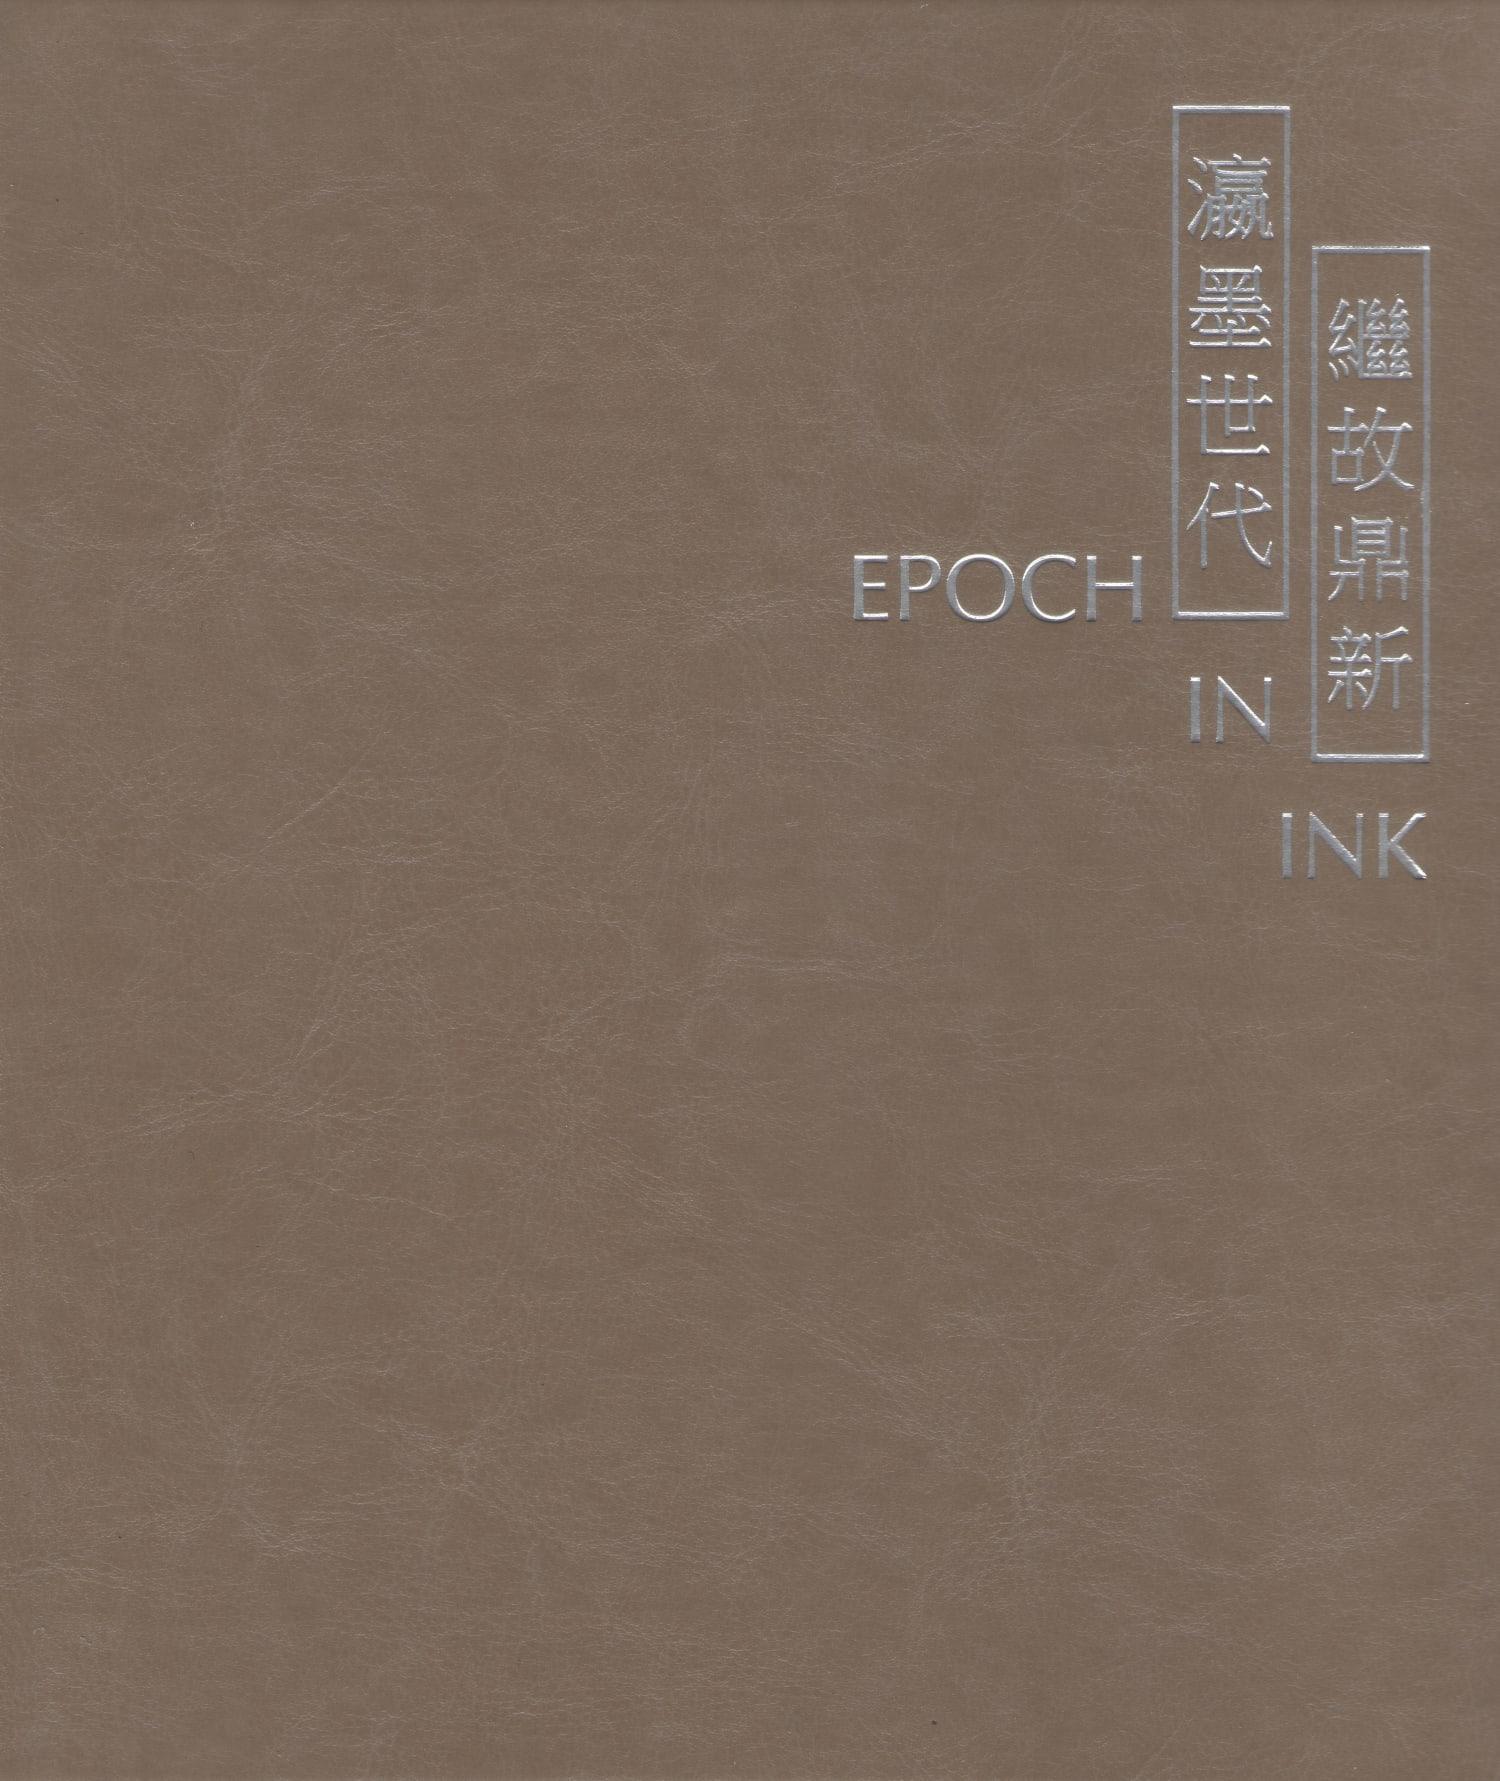 Epoch in Ink - Inheritance and Transformation